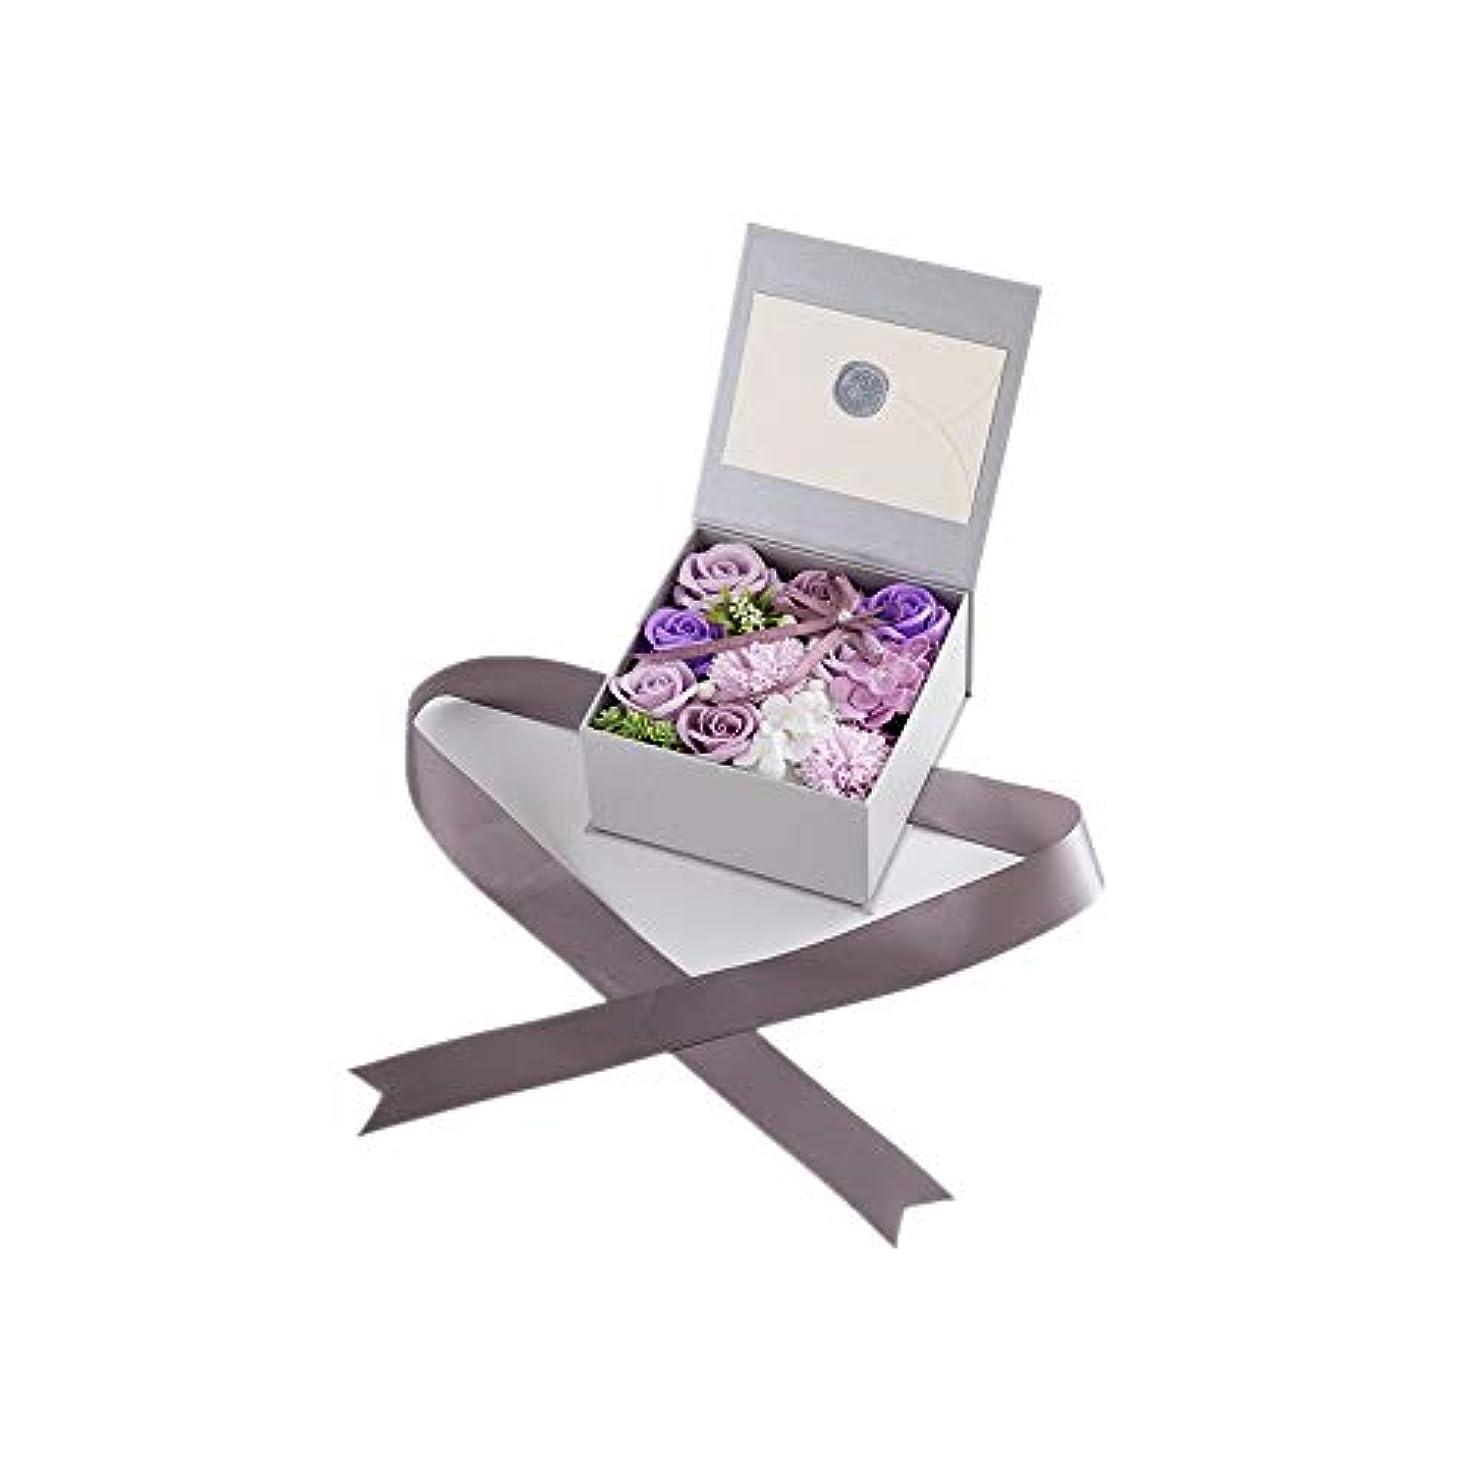 争う微妙眠り生地と花石鹸の花 絶妙な梱包フラワーバレンタインデーのための花バラ花束の記念日誕生日母の日 (色 : Violet)